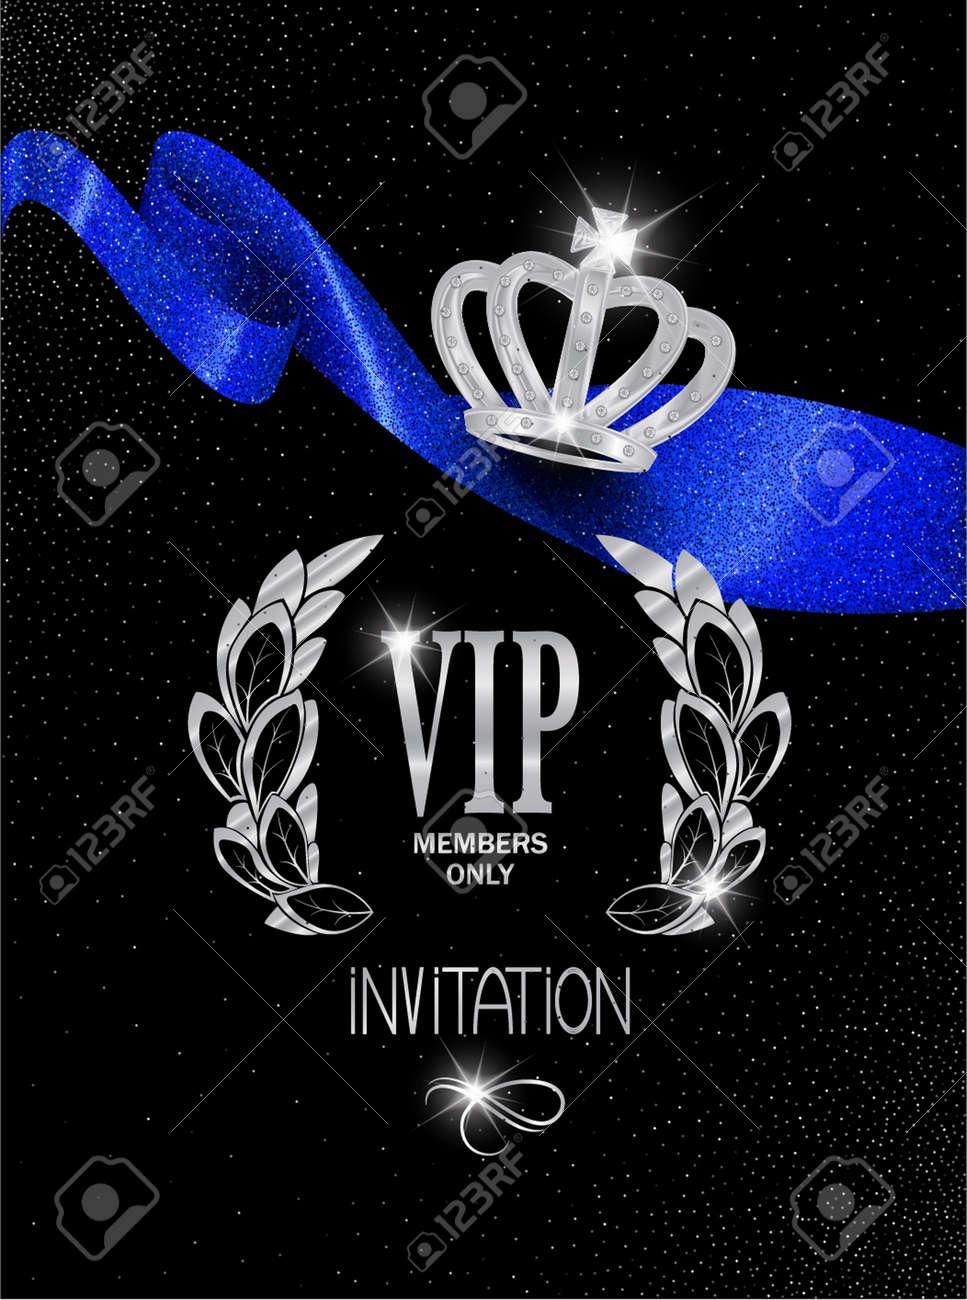 Tarjeta De Invitación Vip Con La Cinta Azul Brillante Y La Corona De Platino Ilustración Vectorial